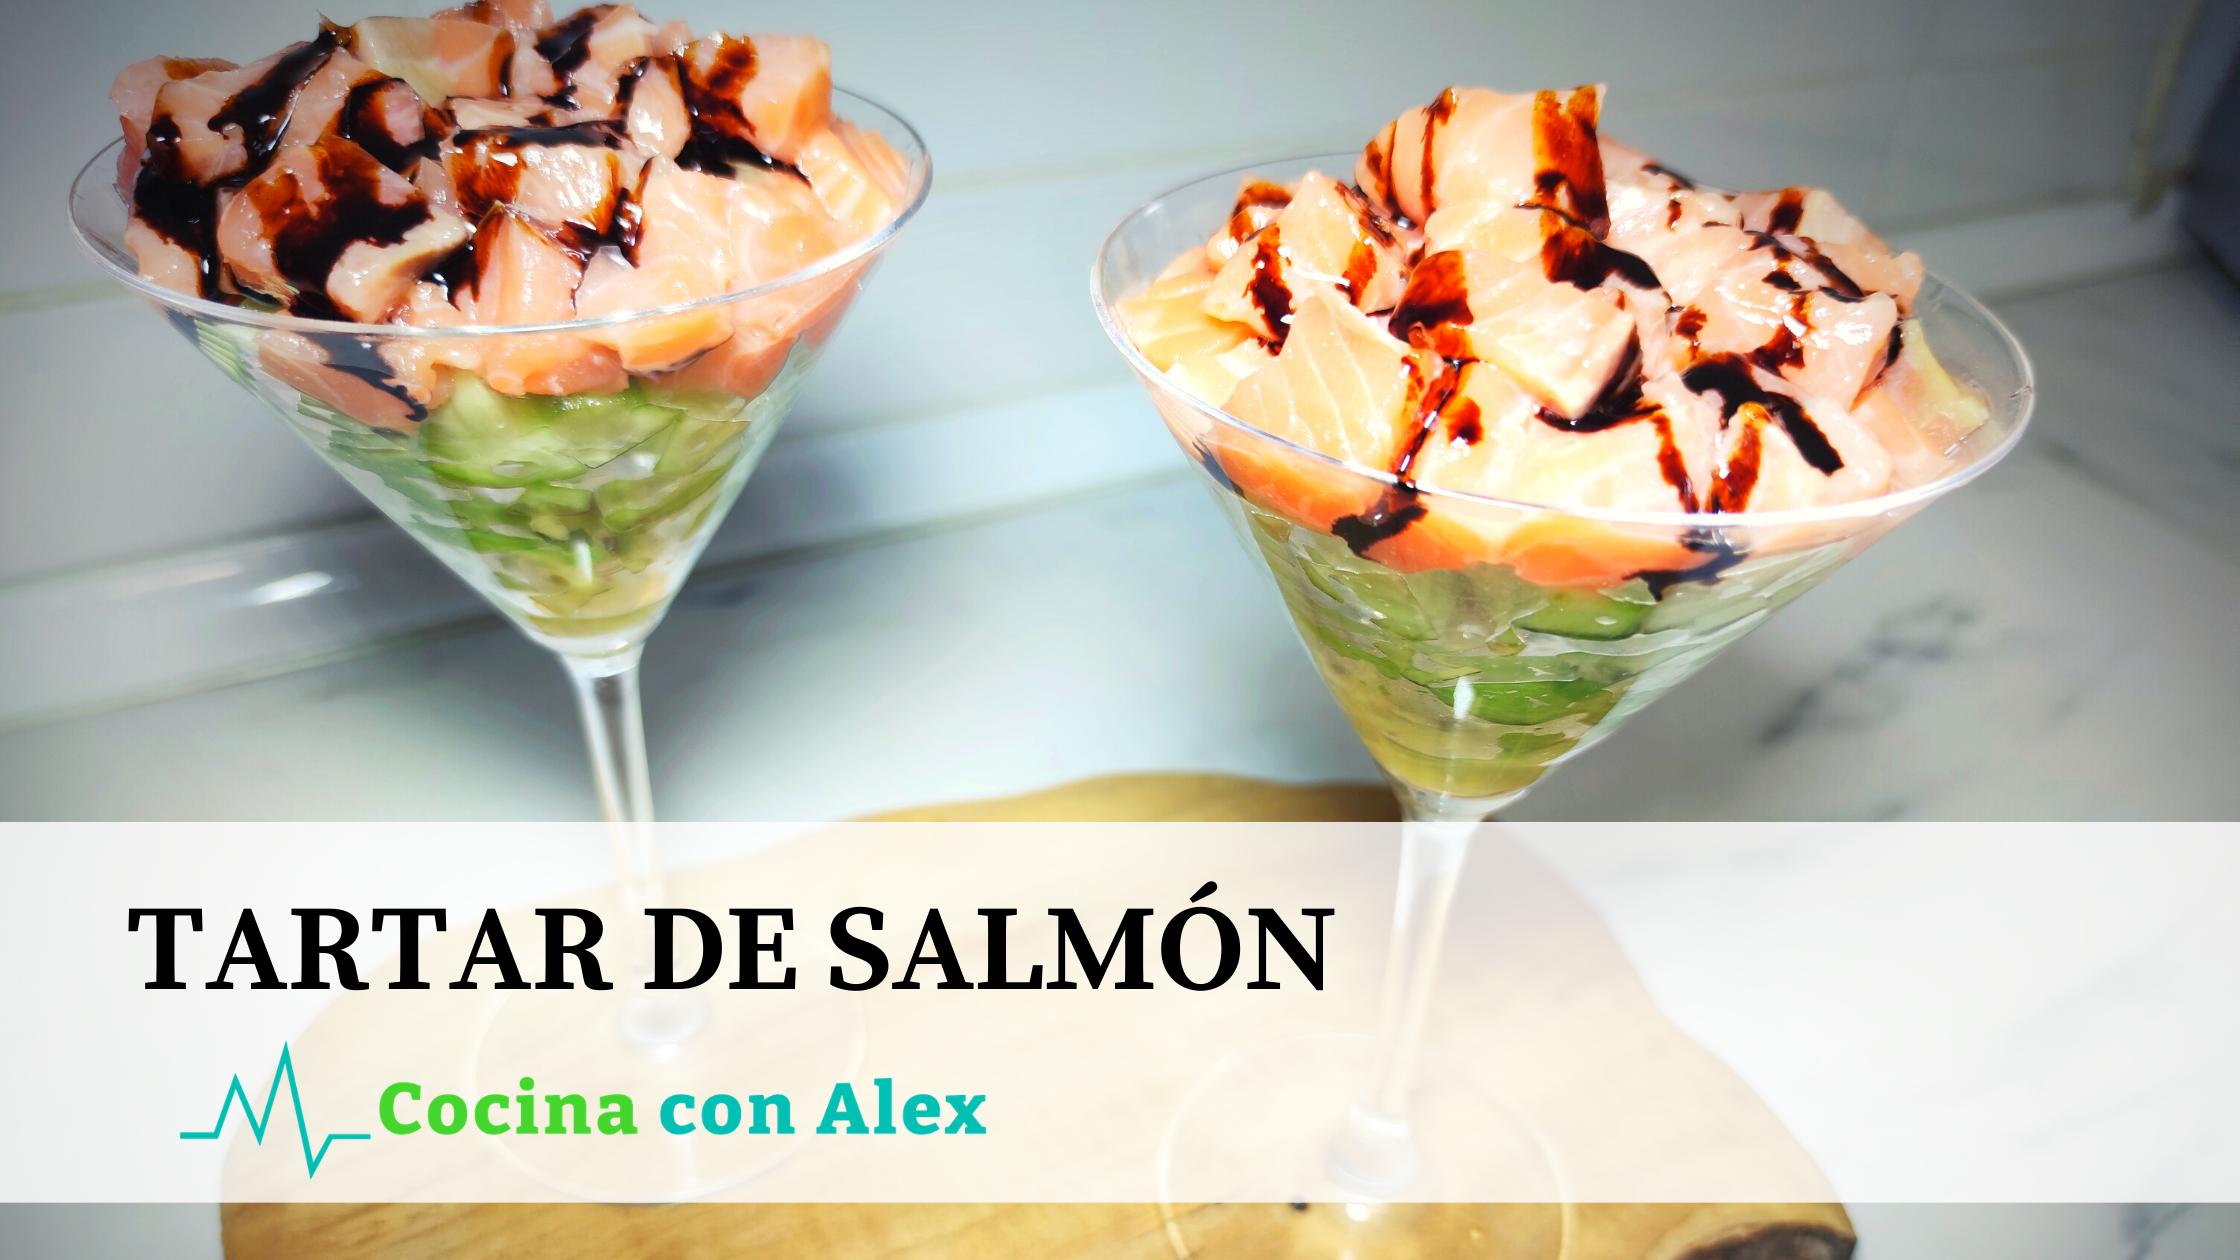 Tartar de salmón alex arroyo fit 1. Receta saludable con salmón. Perfecta para cuidar de la dieta y perder peso.